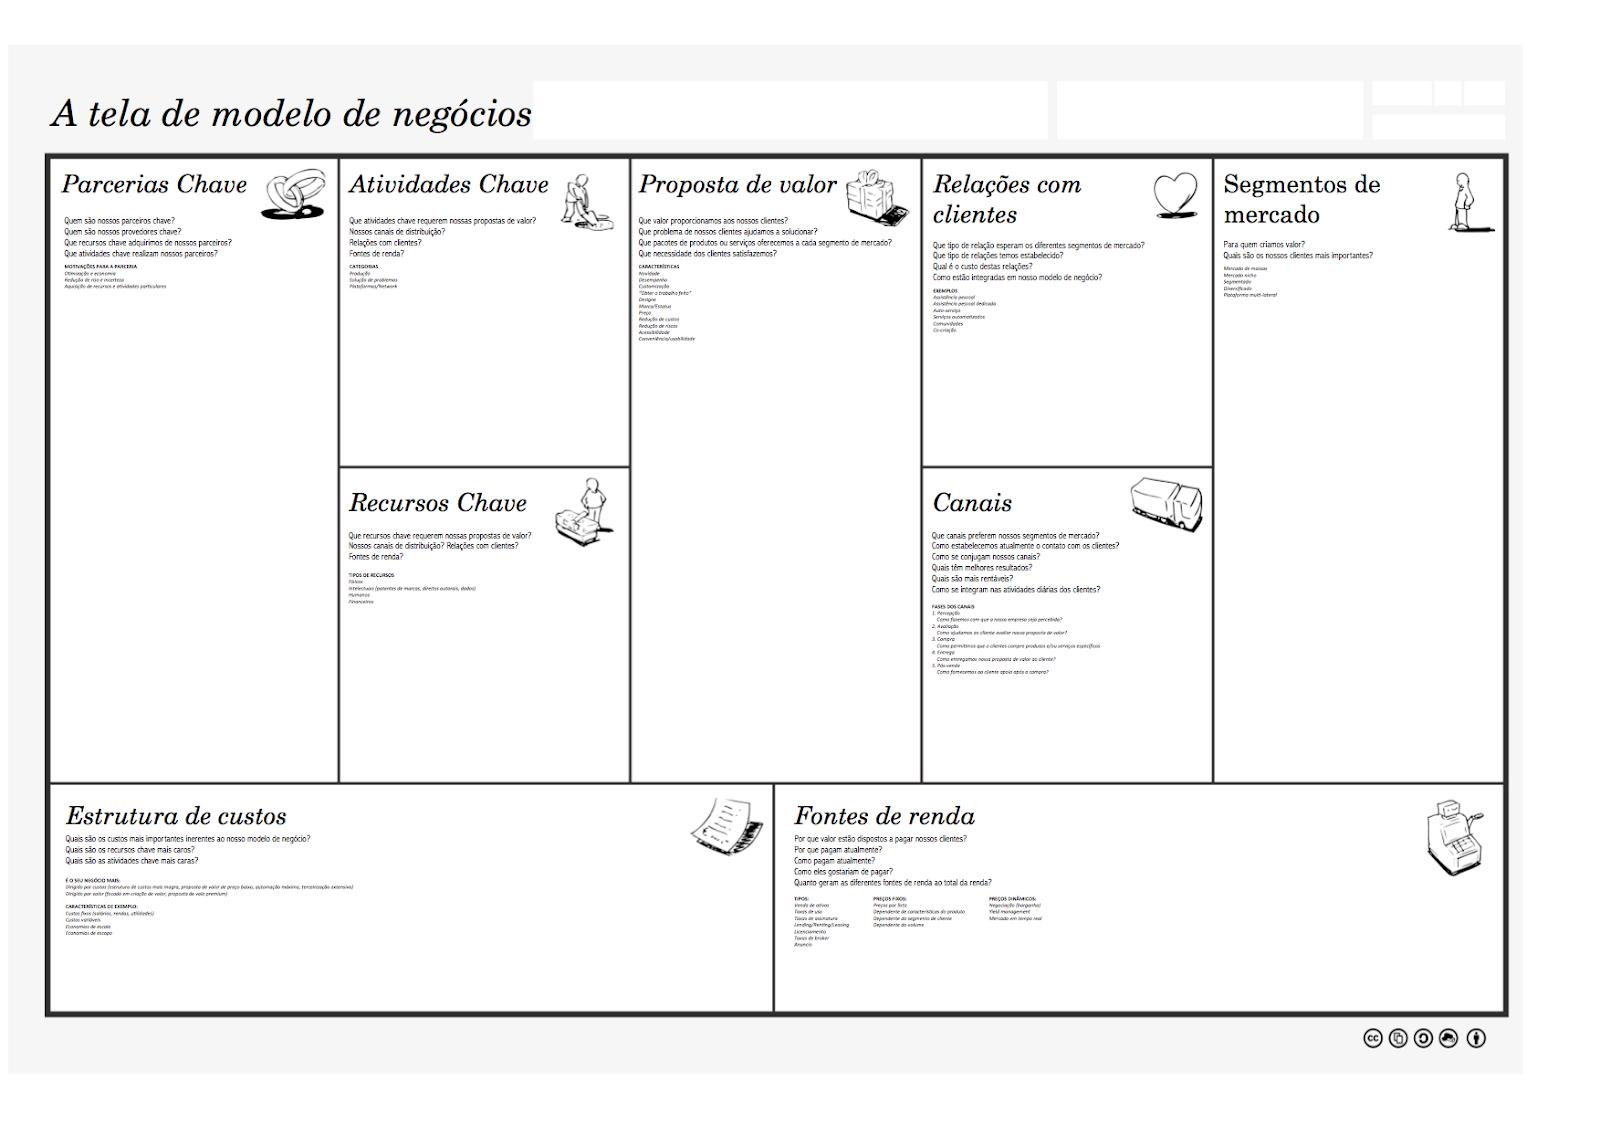 Tela-de-modelo-de-negócios-v2.0.png